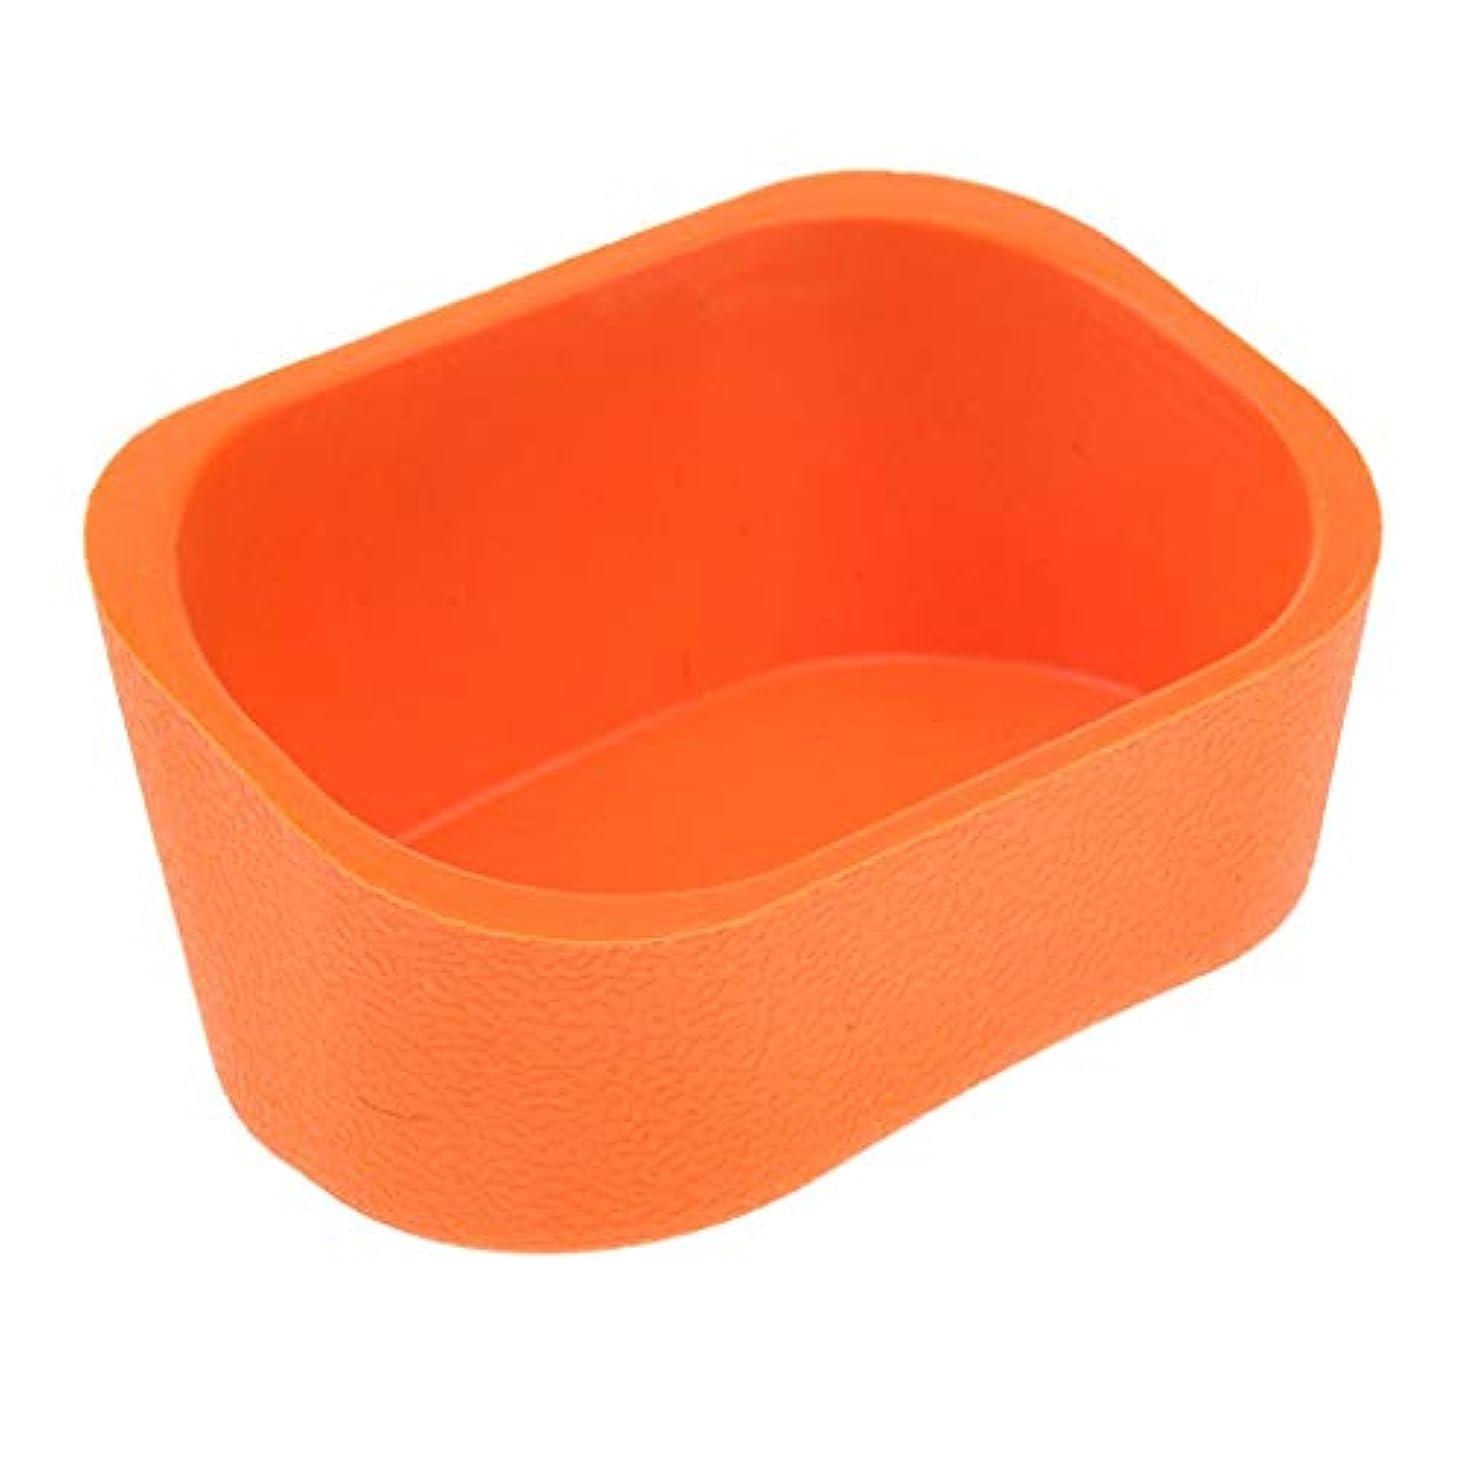 宴会未満描写Hellery 大広間の毛のためのシリコーンのシャンプーボールの首の残りの枕パッドは流しを洗います - オレンジ